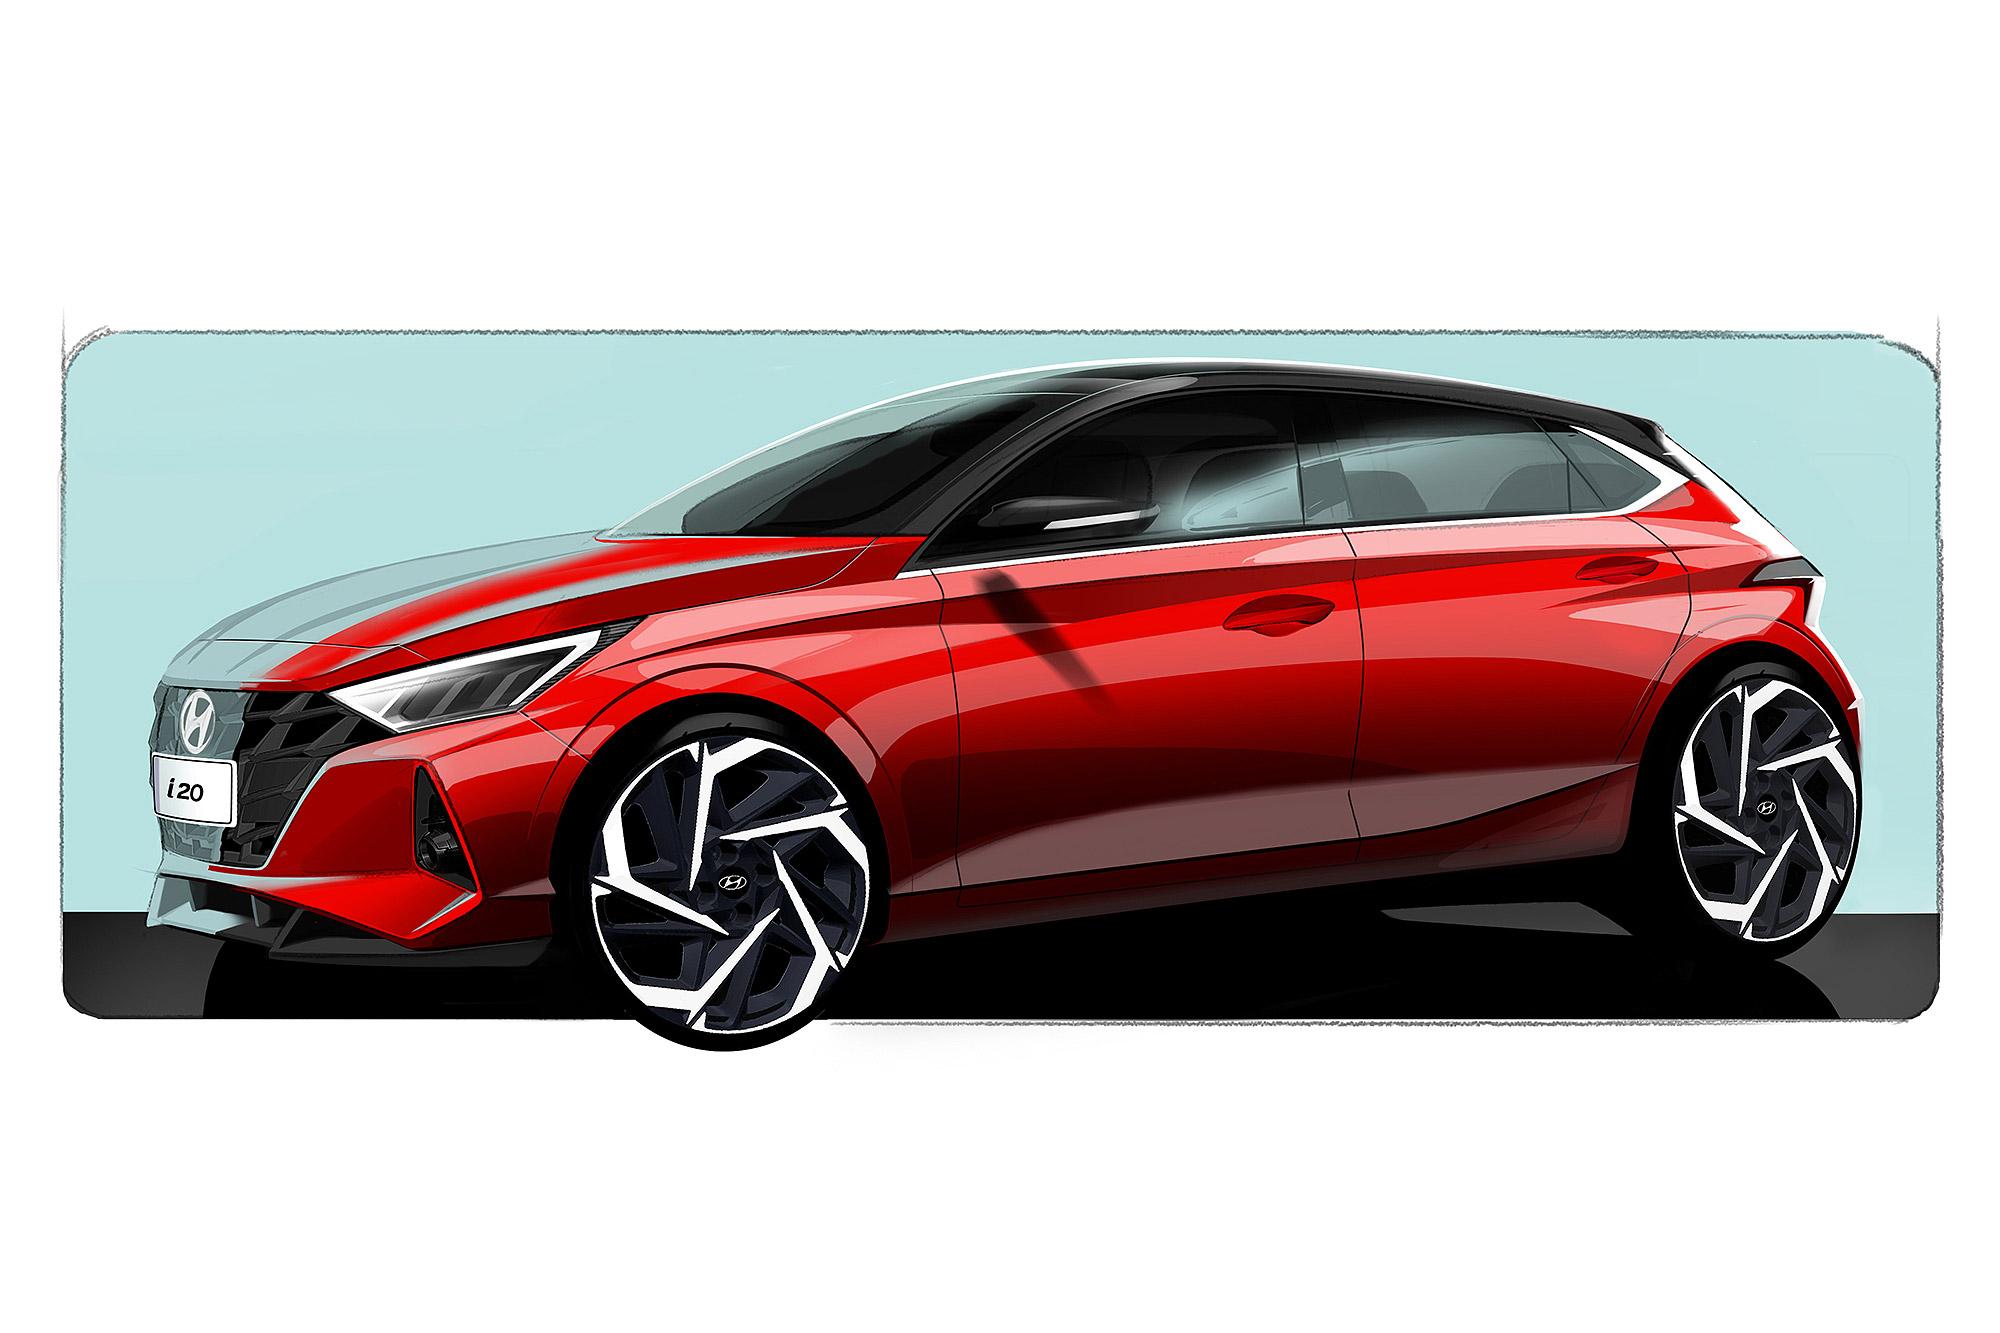 新世代 i20 預告 2020 年日內瓦車展發表。